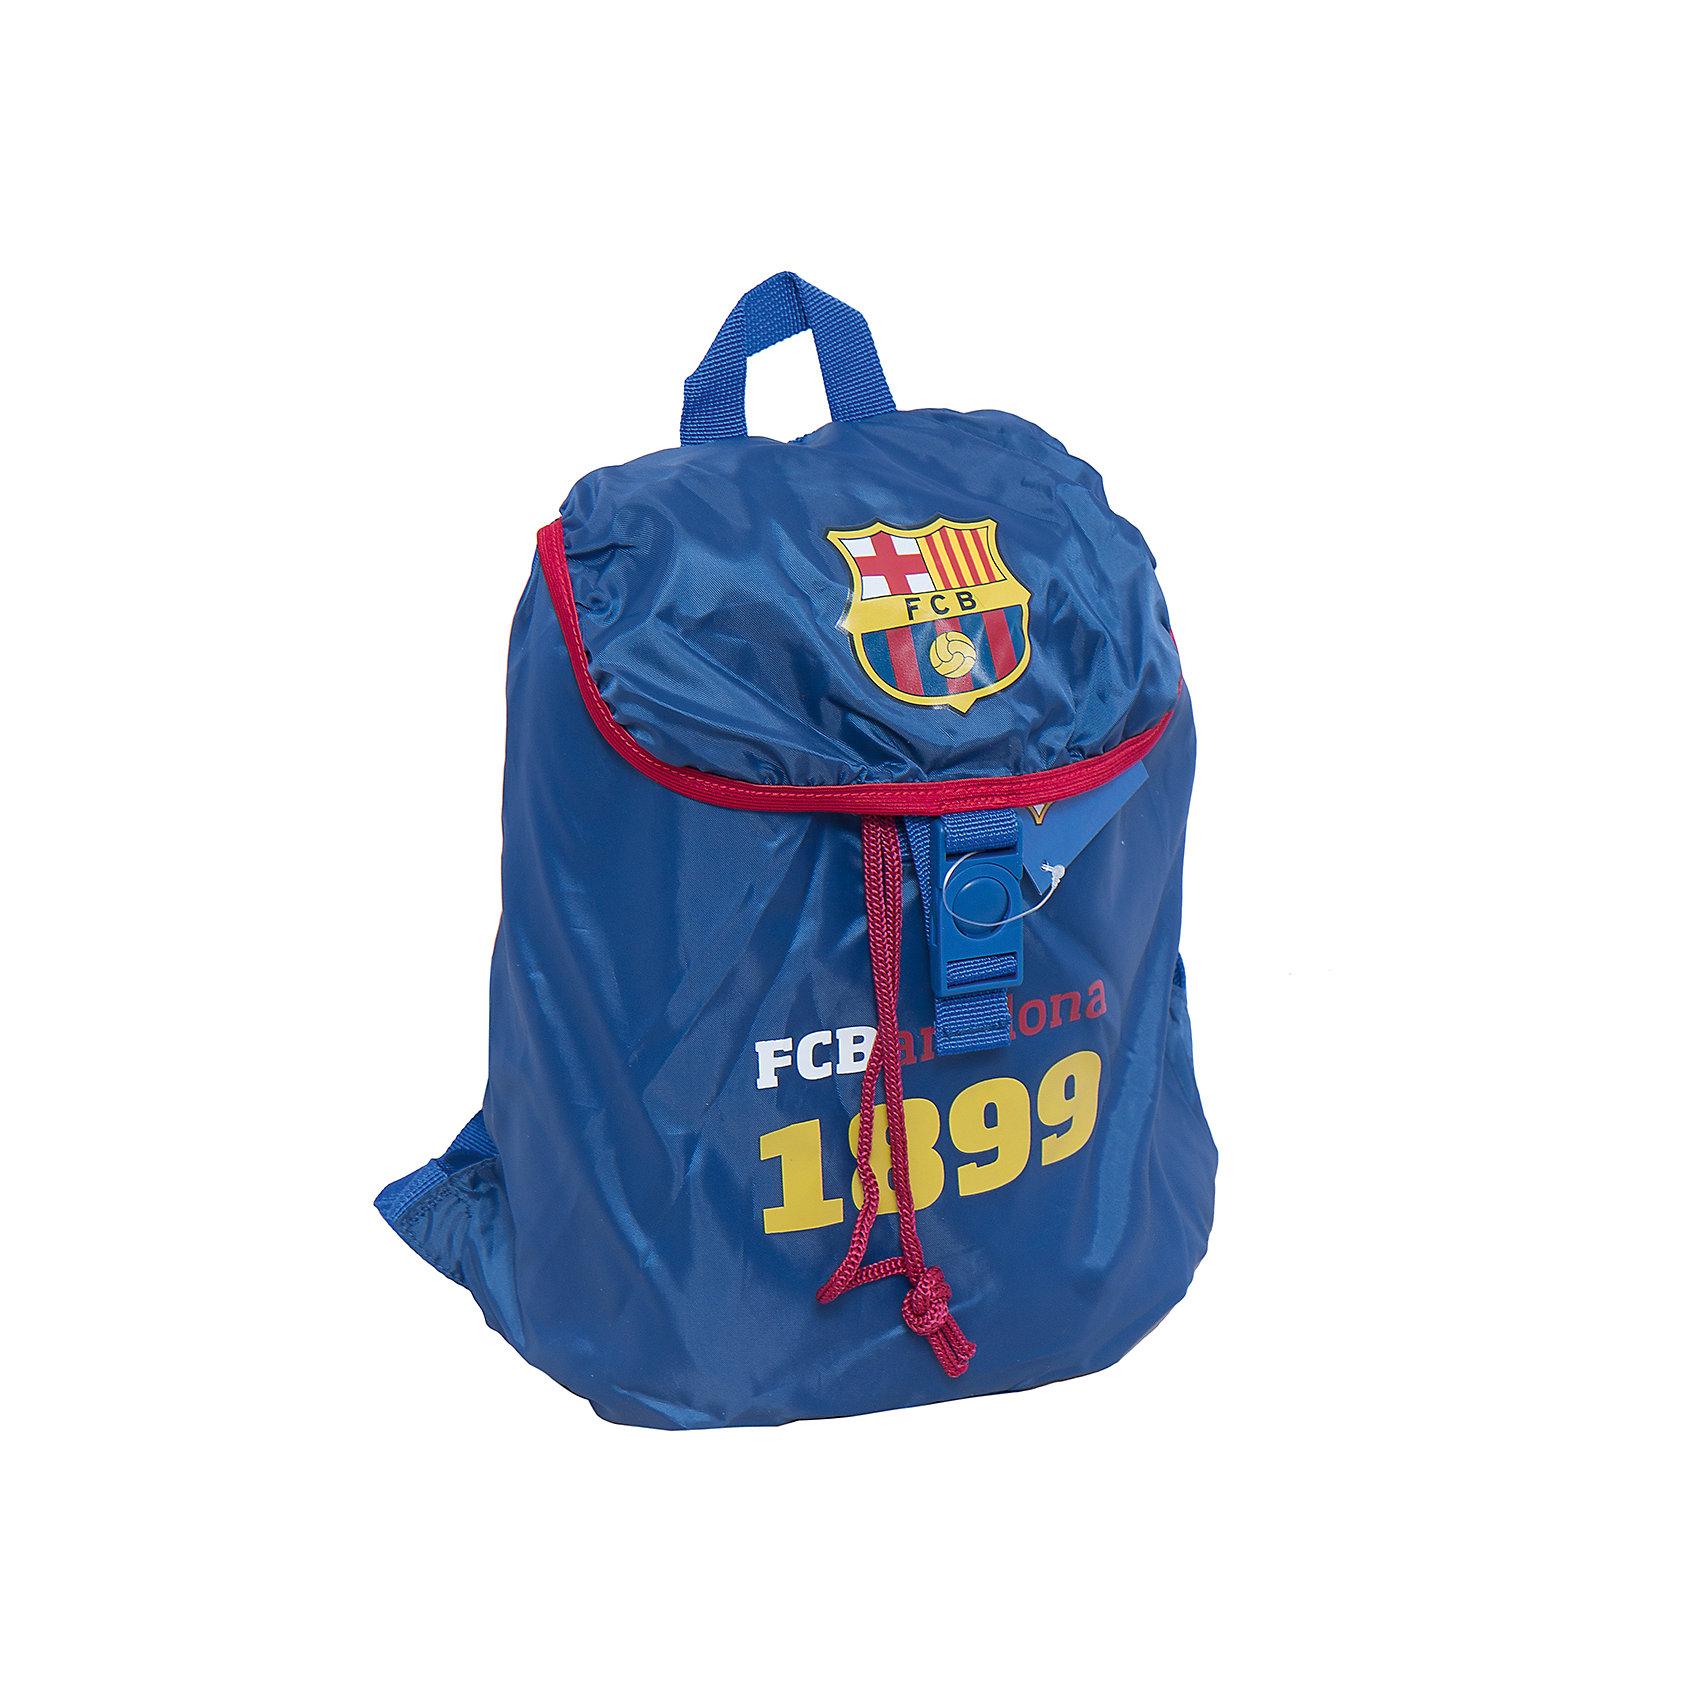 Академия групп Рюкзак-мешок, Barcelona FC мешок для обуви академия групп transformers 43 34см trbb ut1 883